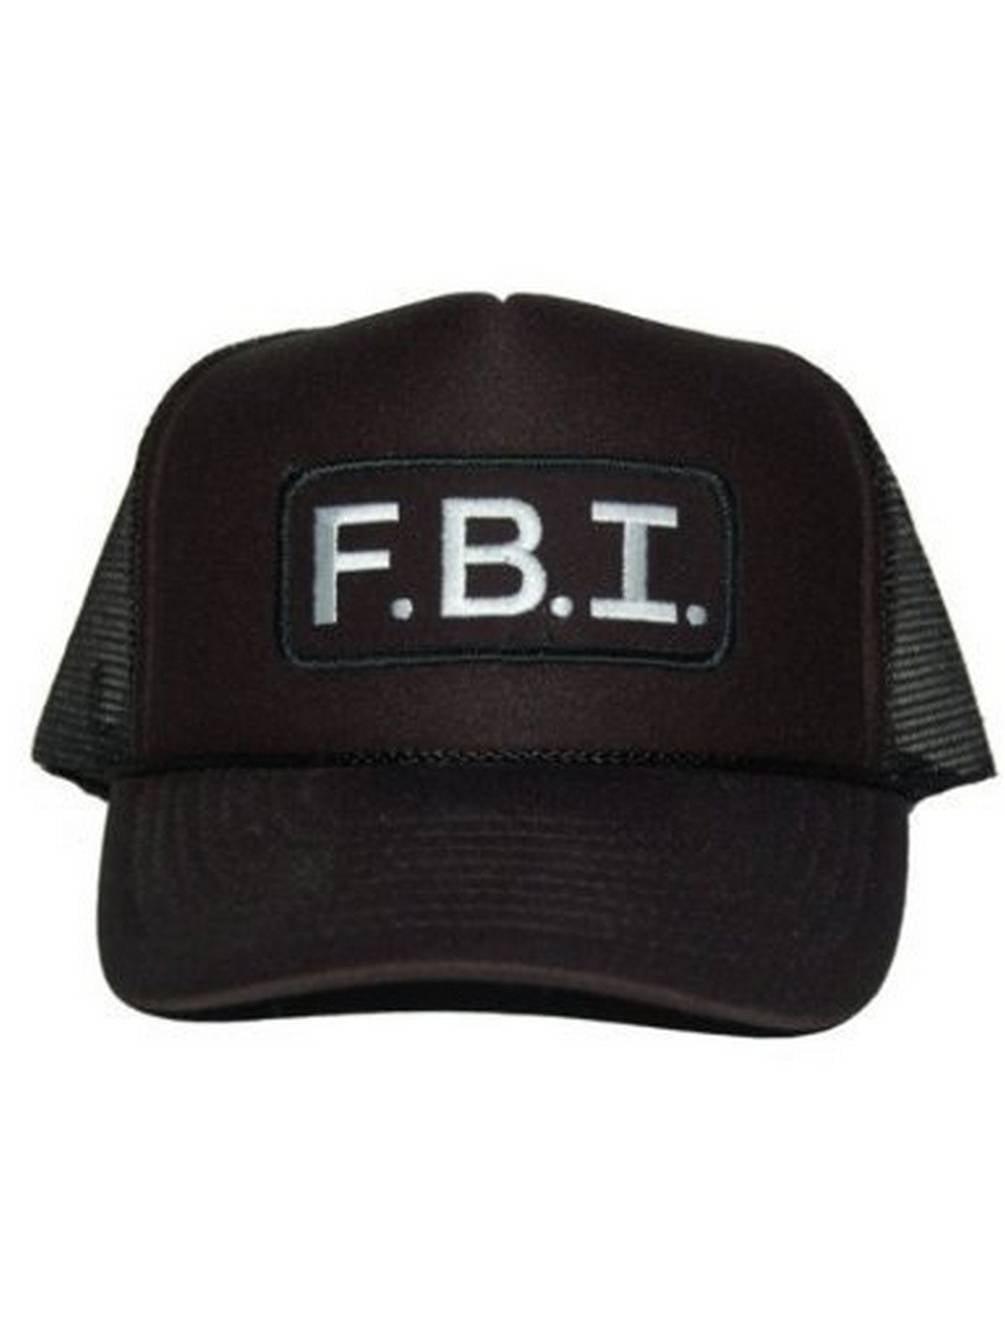 Vintage Mesh Trucker Hat - FBI Cap - Walmart.com 75b78a7bdcf